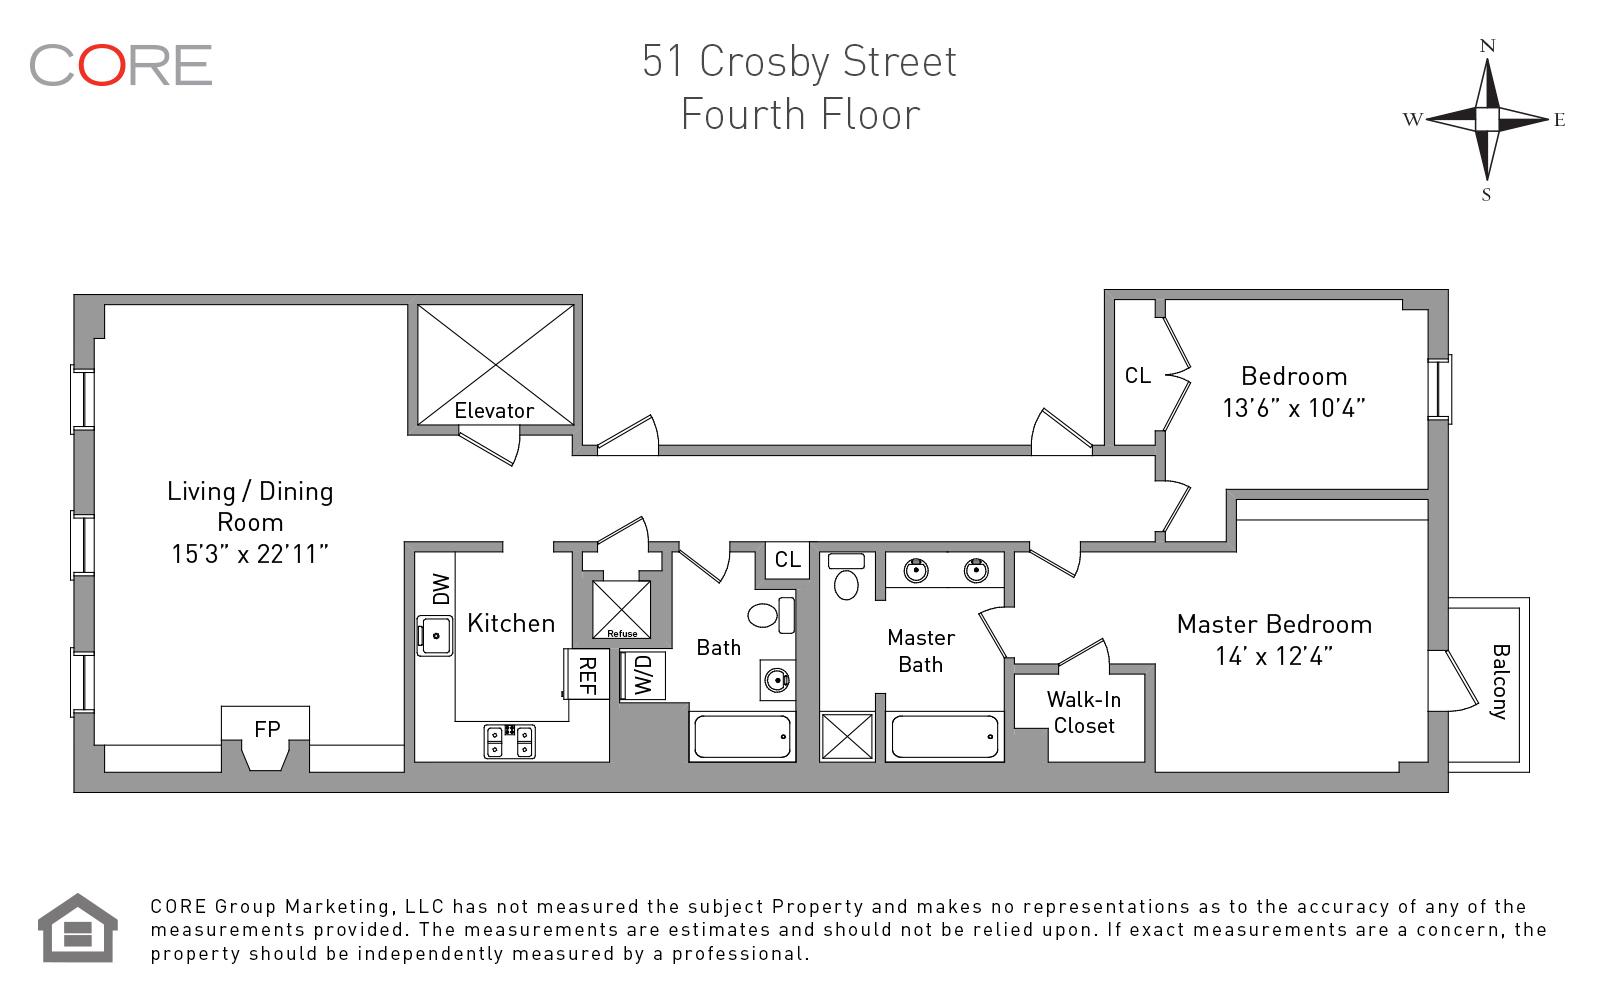 51 Crosby St. 4th Floor, New York, NY 10012